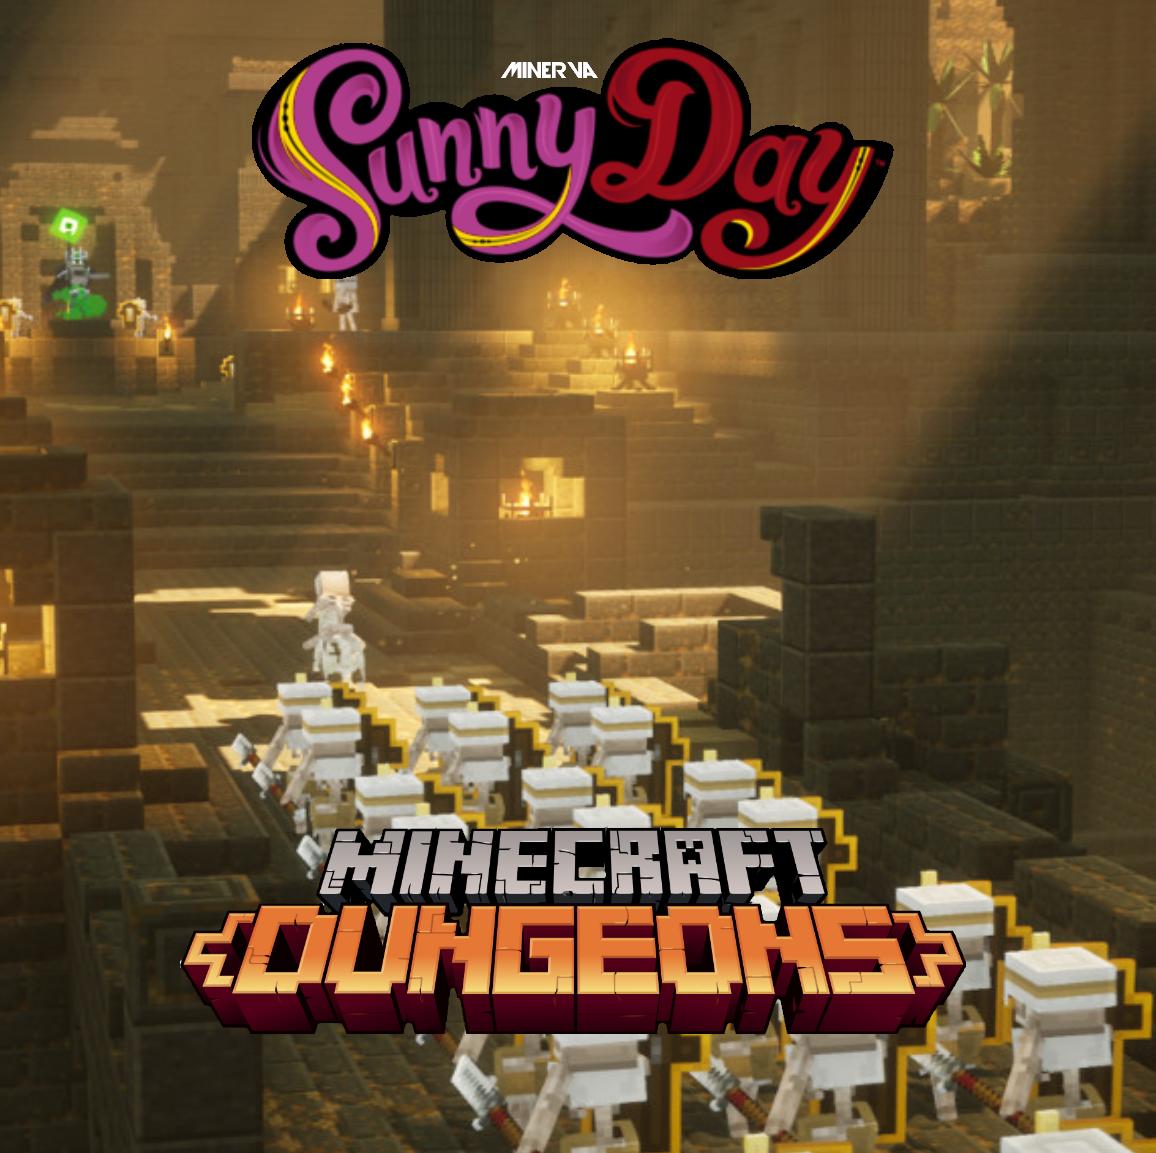 Minecraft: Dungeons (Sunny Day album) | Idea Wiki | Fandom